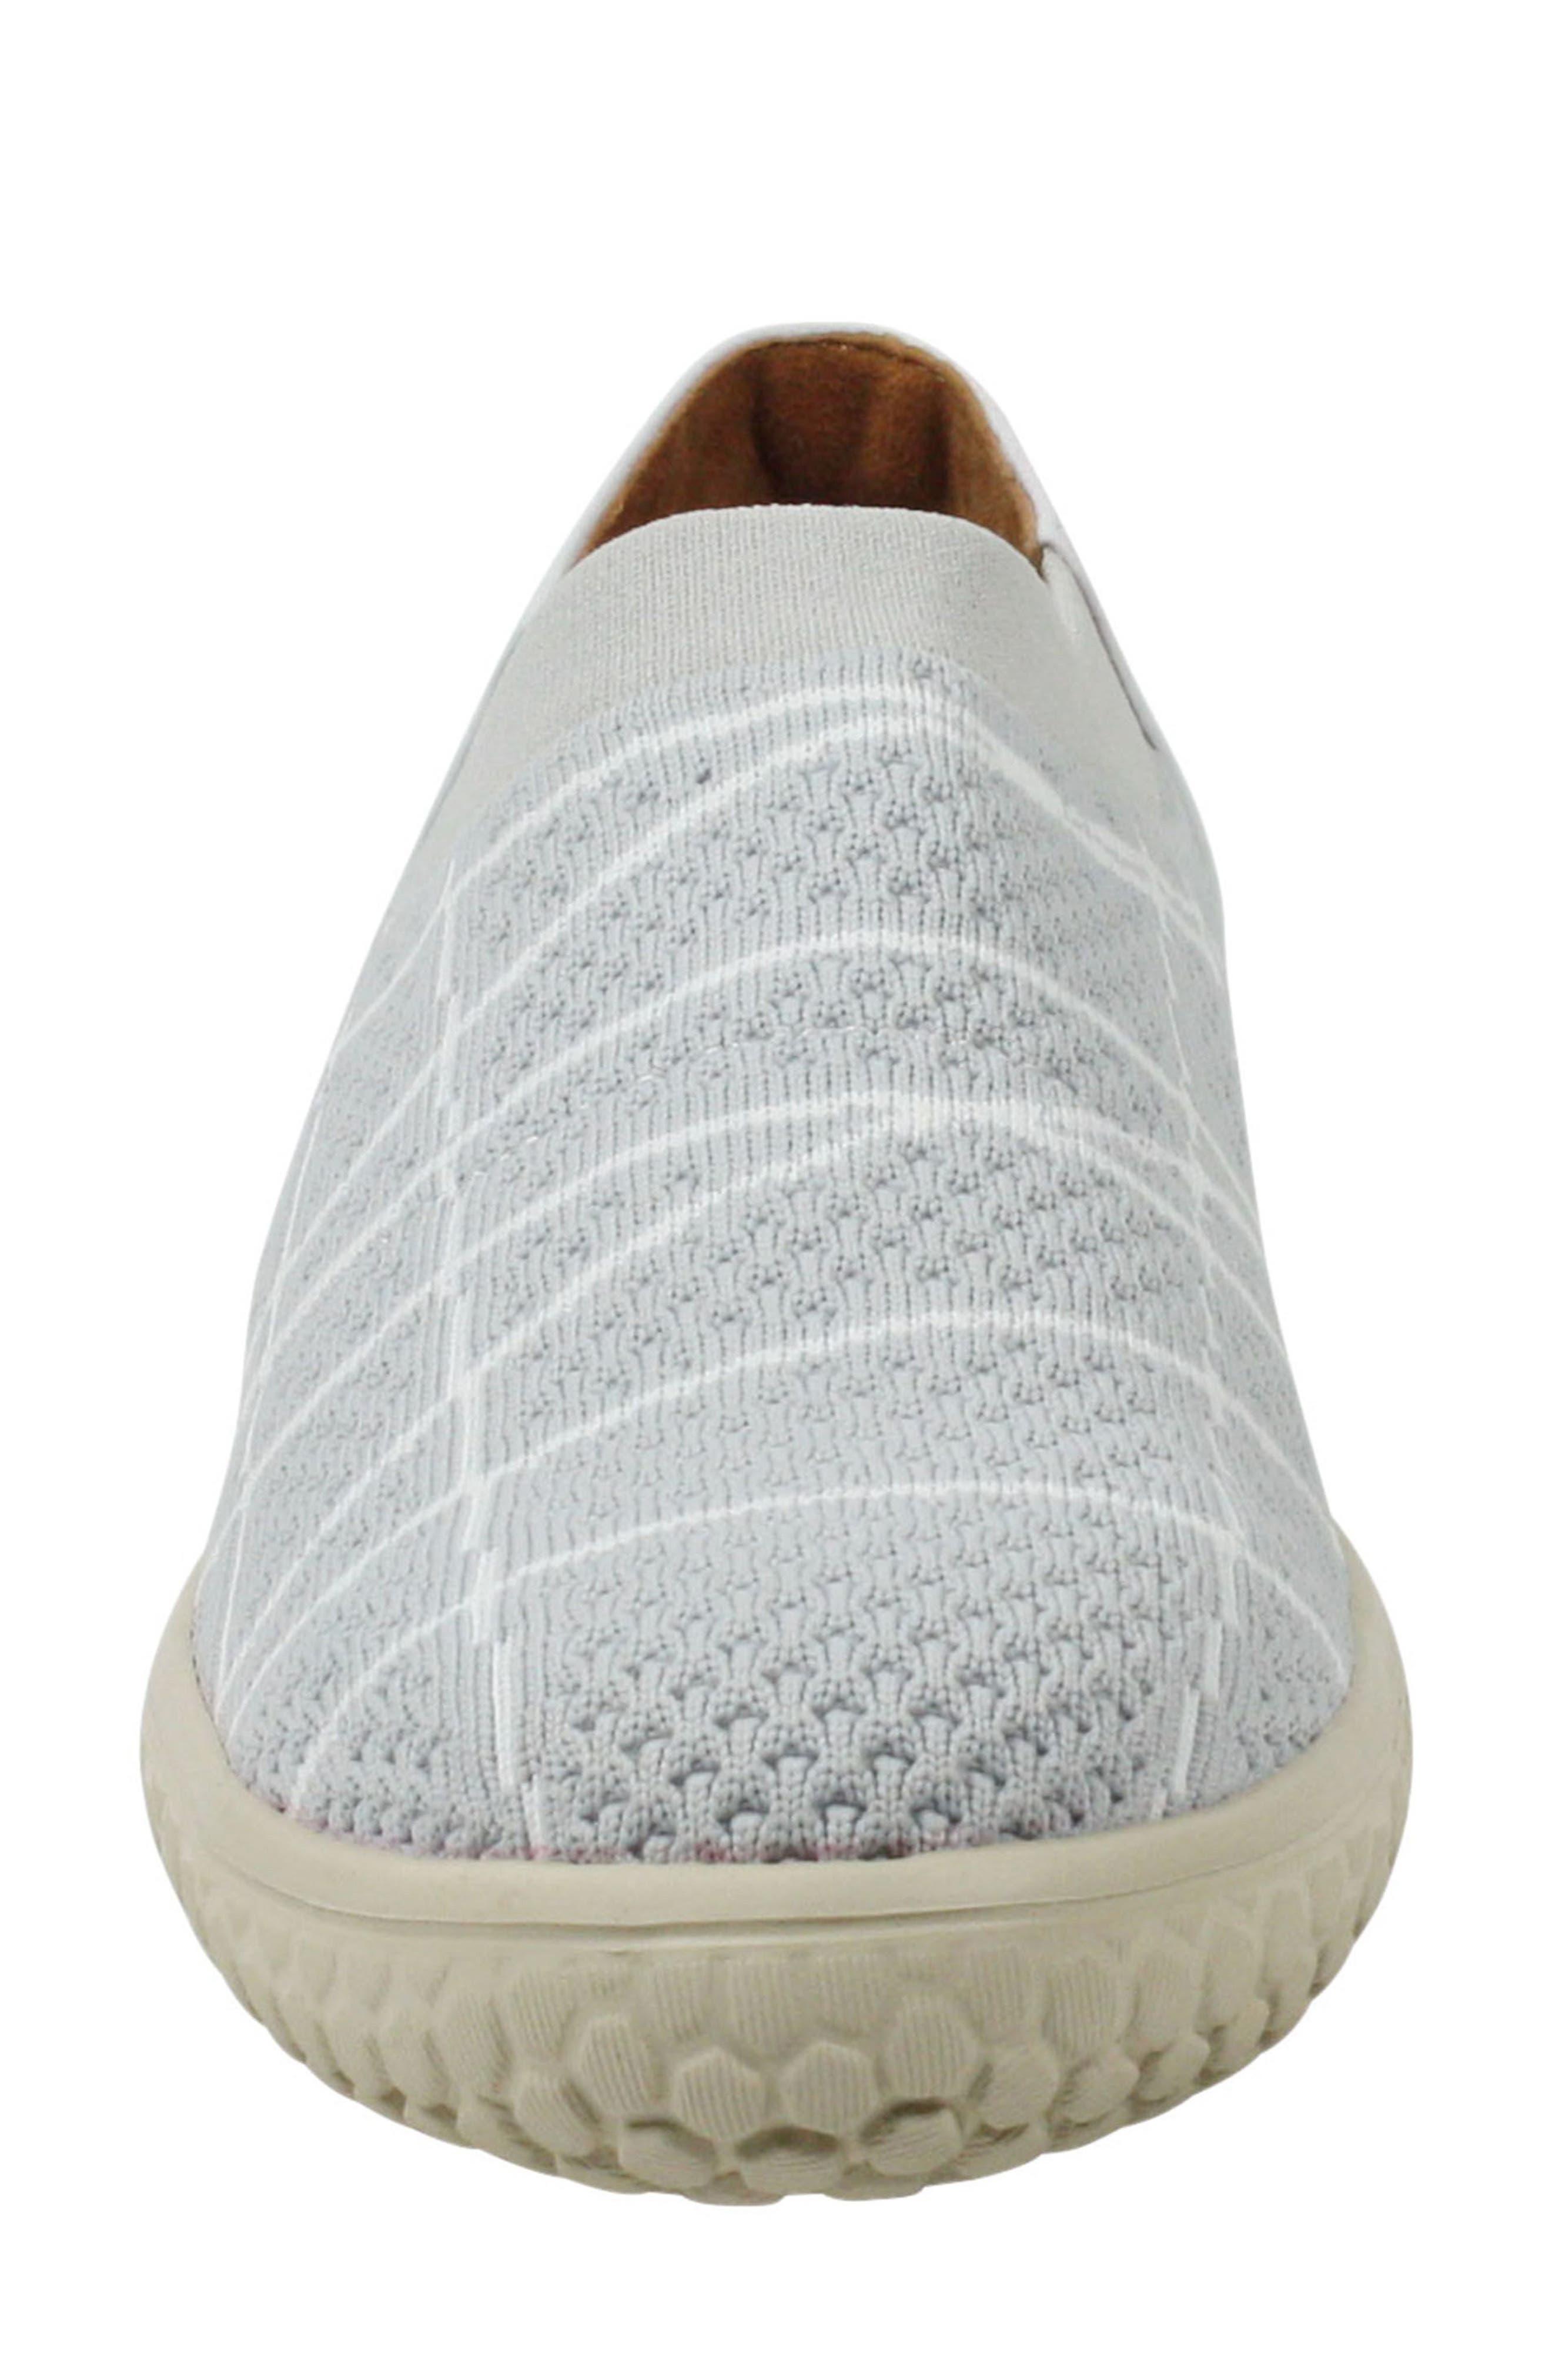 Zohndra Slip-On Sneaker,                             Alternate thumbnail 5, color,                             Beige Fabric